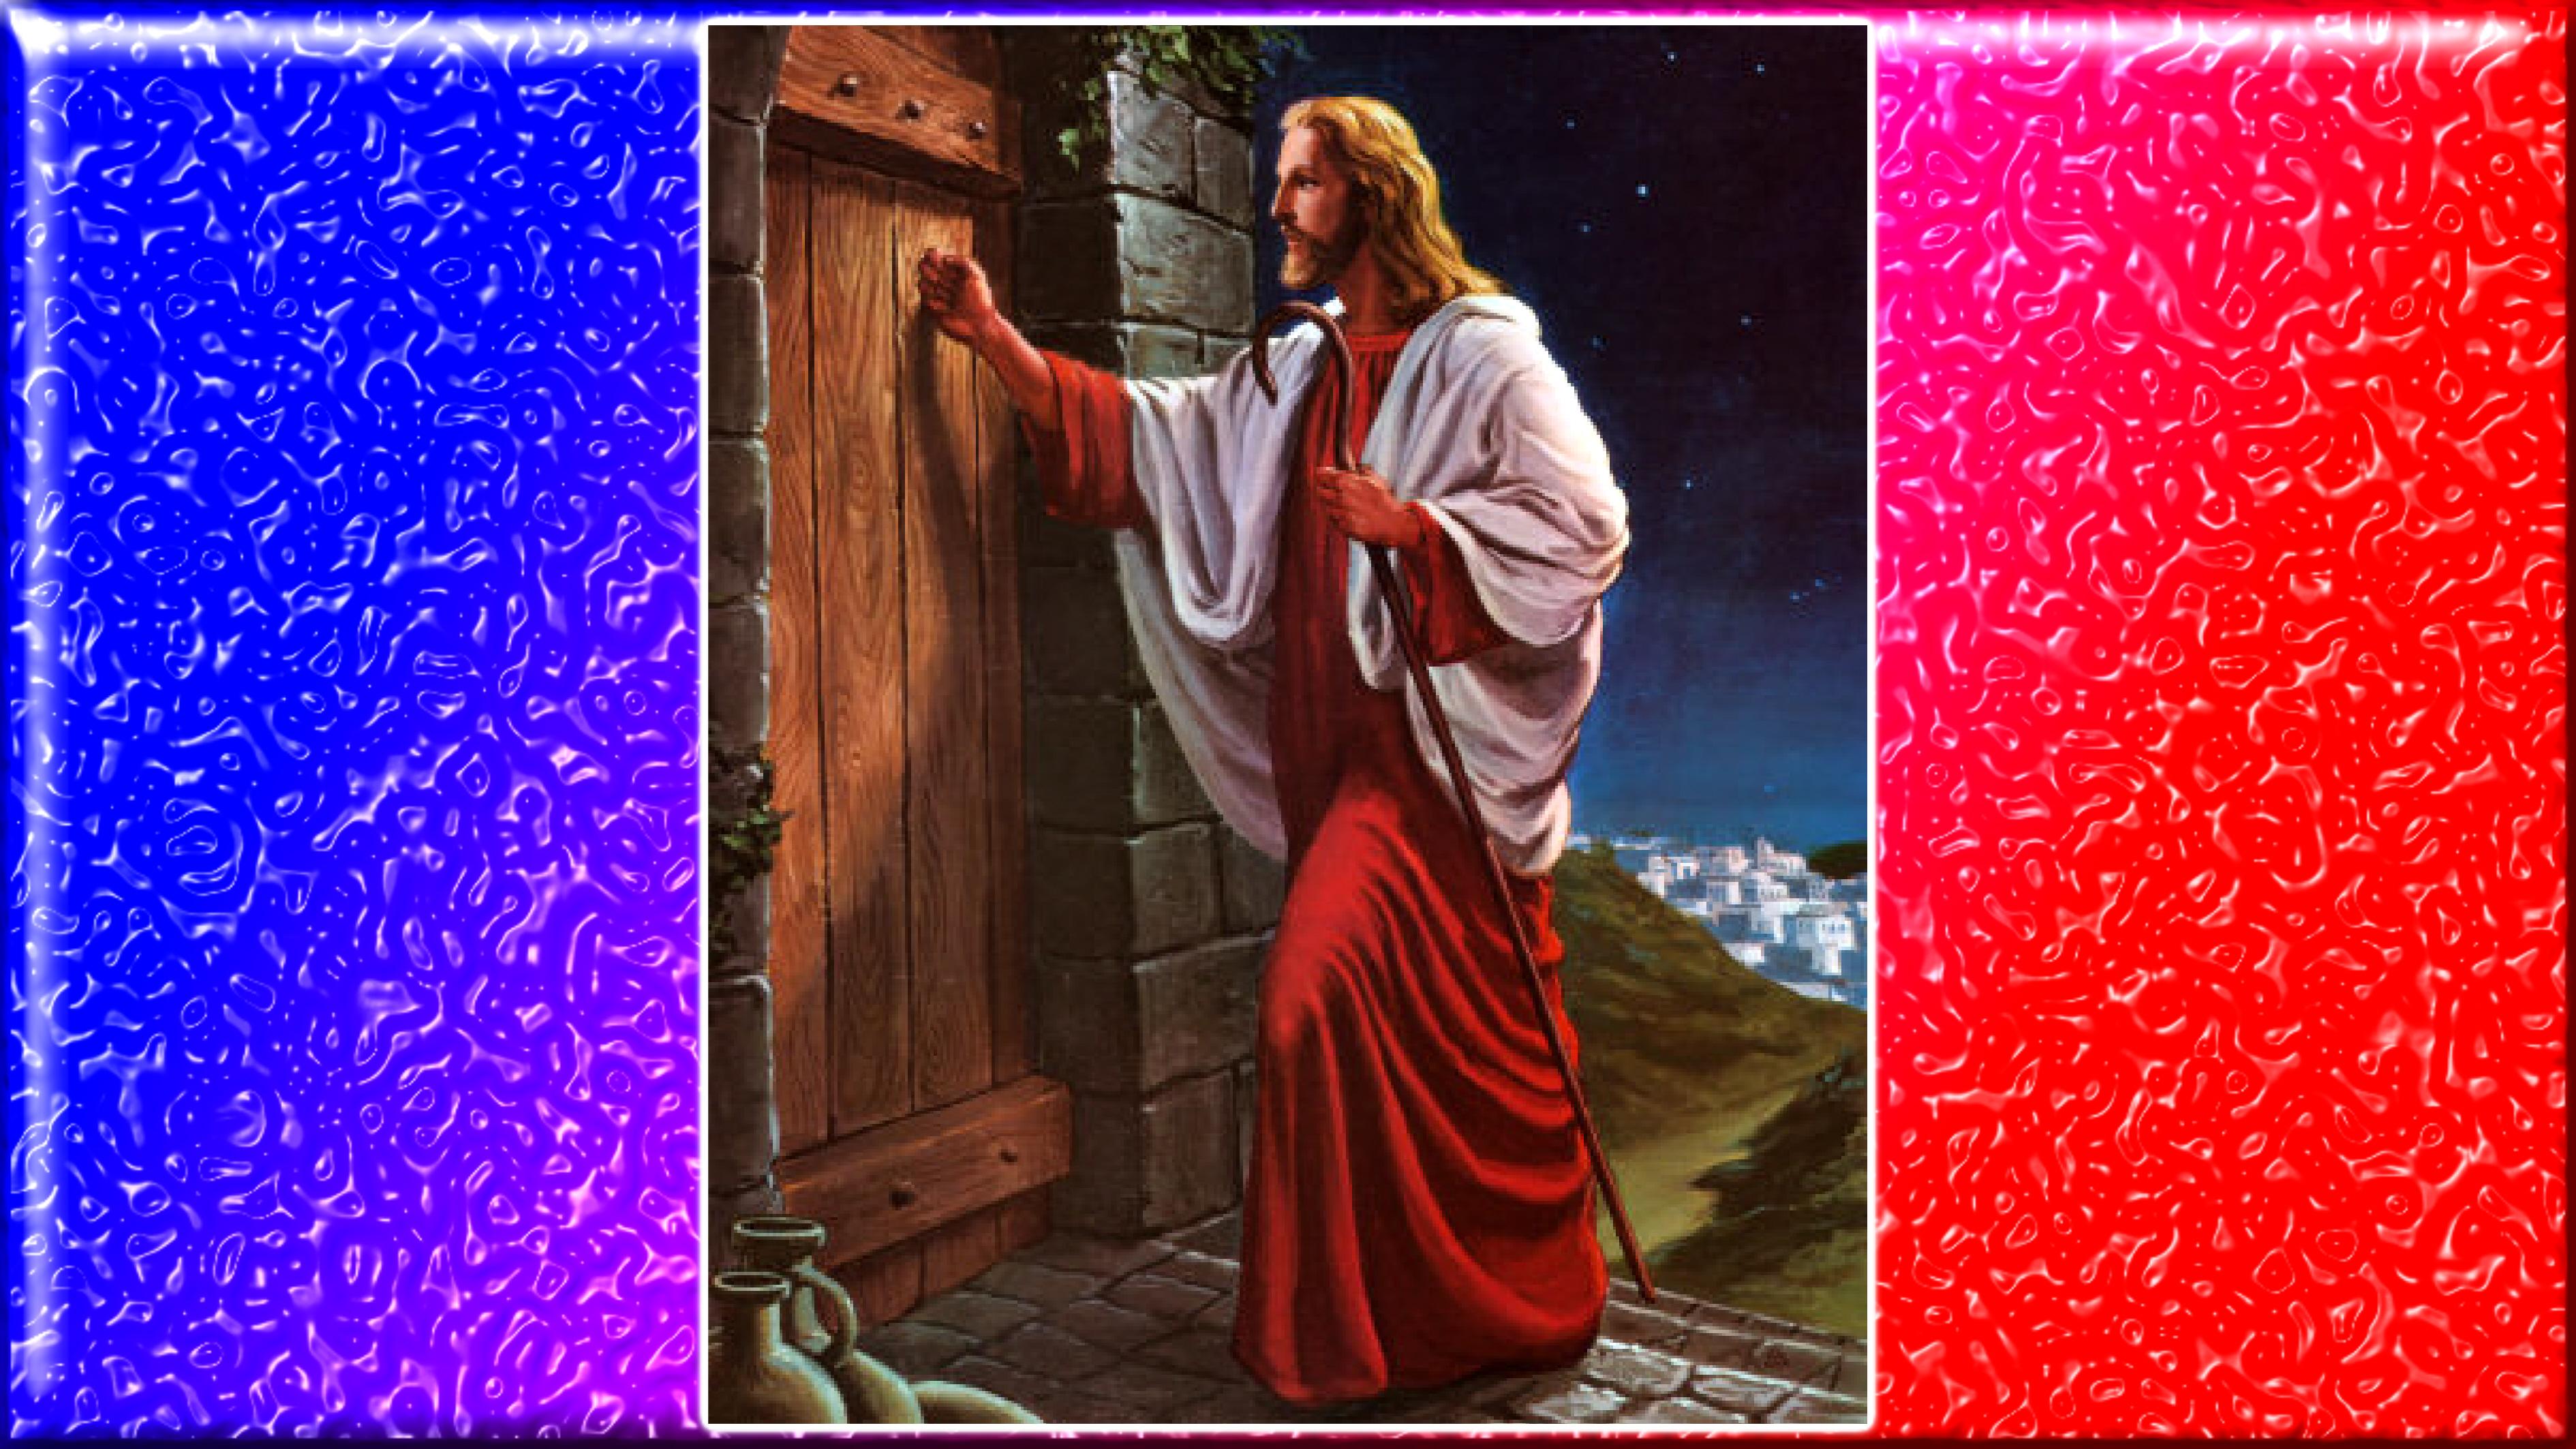 CALENDRIER CATHOLIQUE 2020 (Cantiques, Prières & Images) - Page 9 J-sus-frappant-la...re-coeur-57296c2